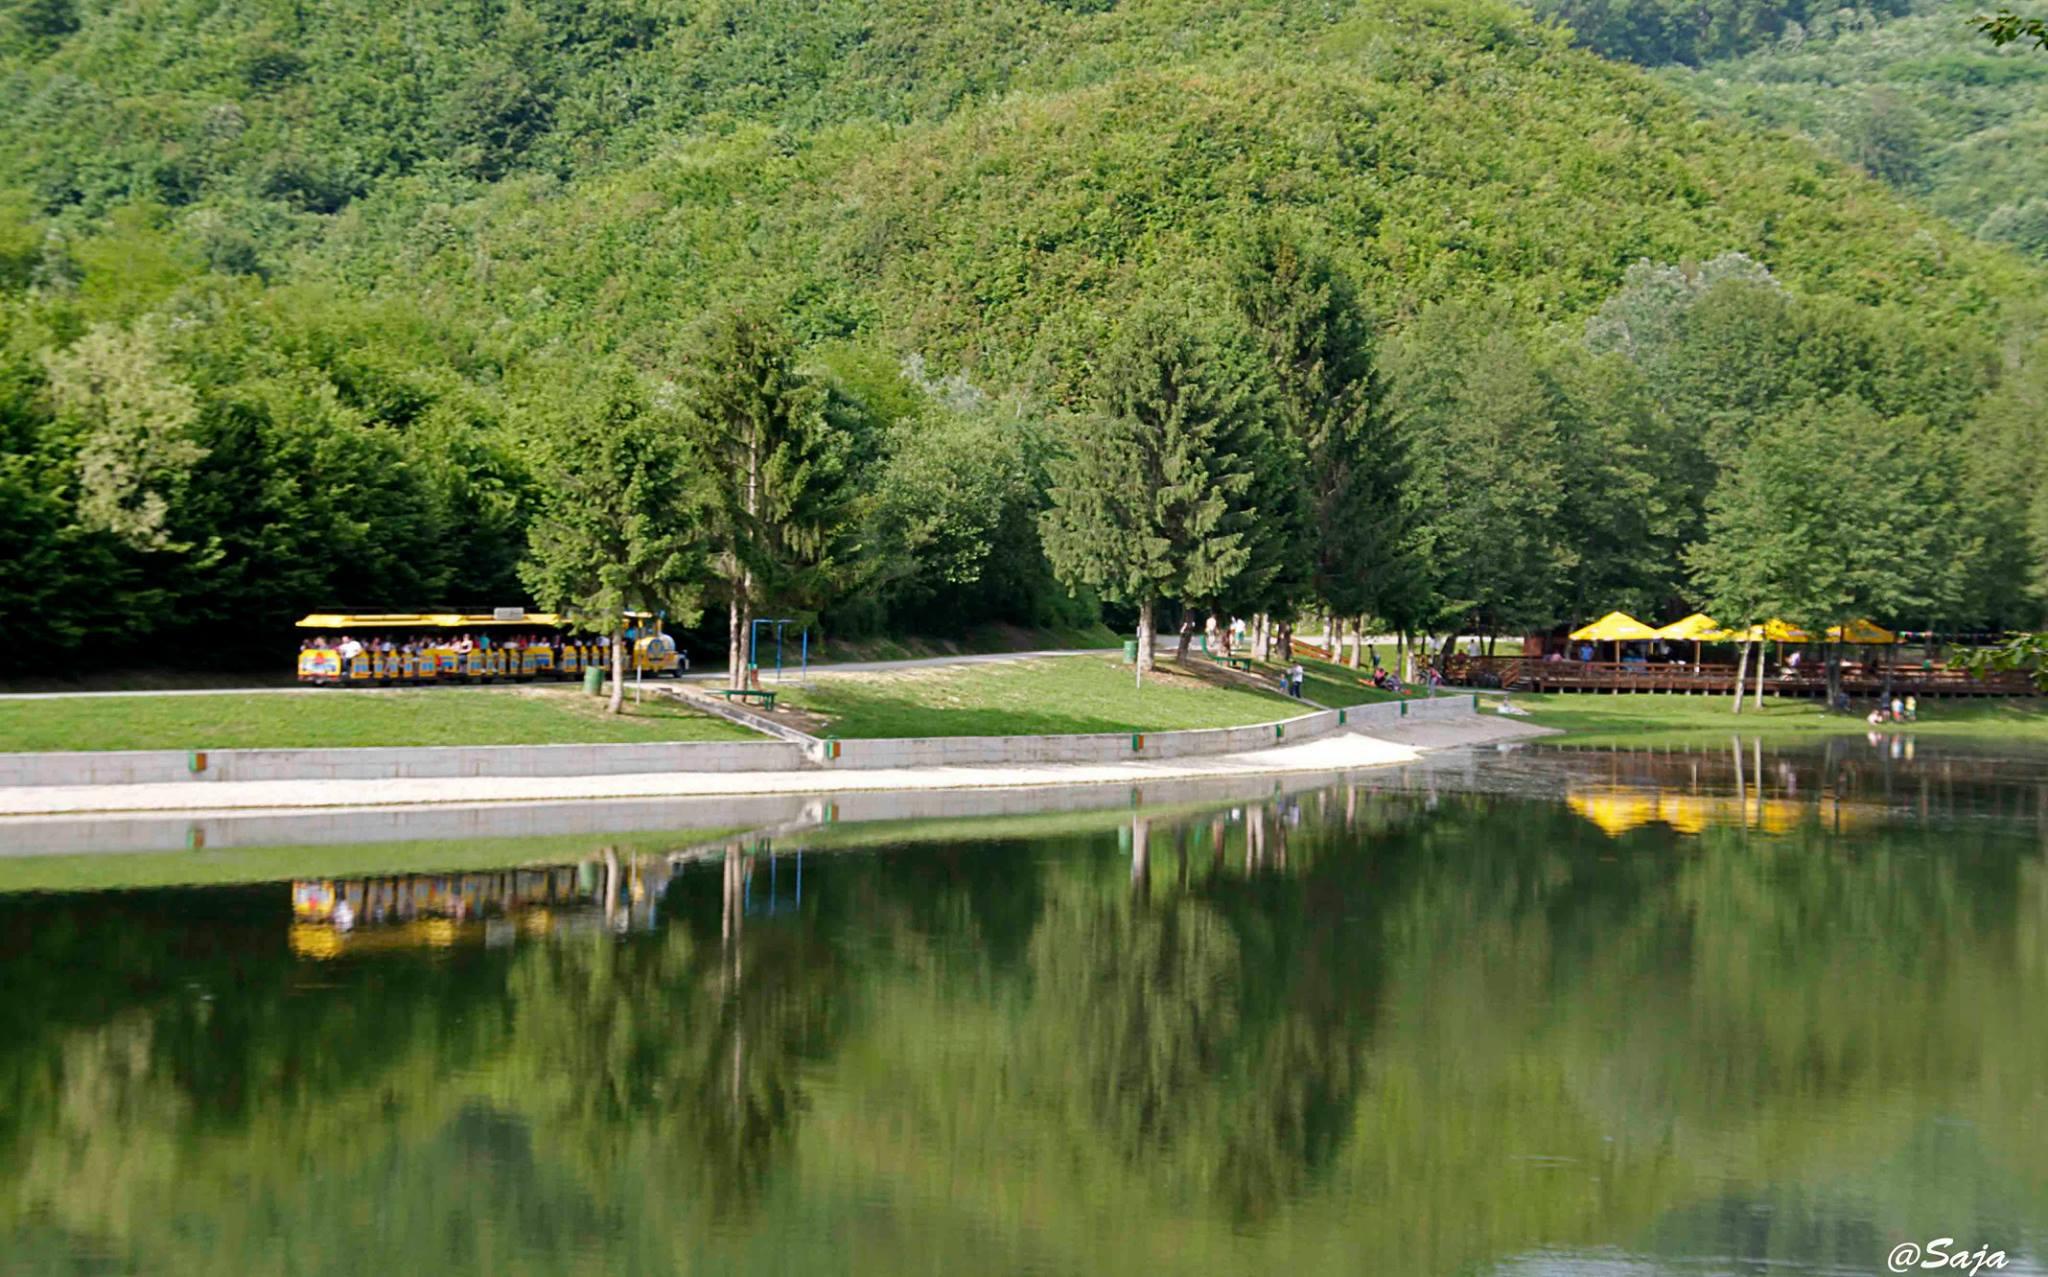 turistički vlakić vozi na novljansko jezero